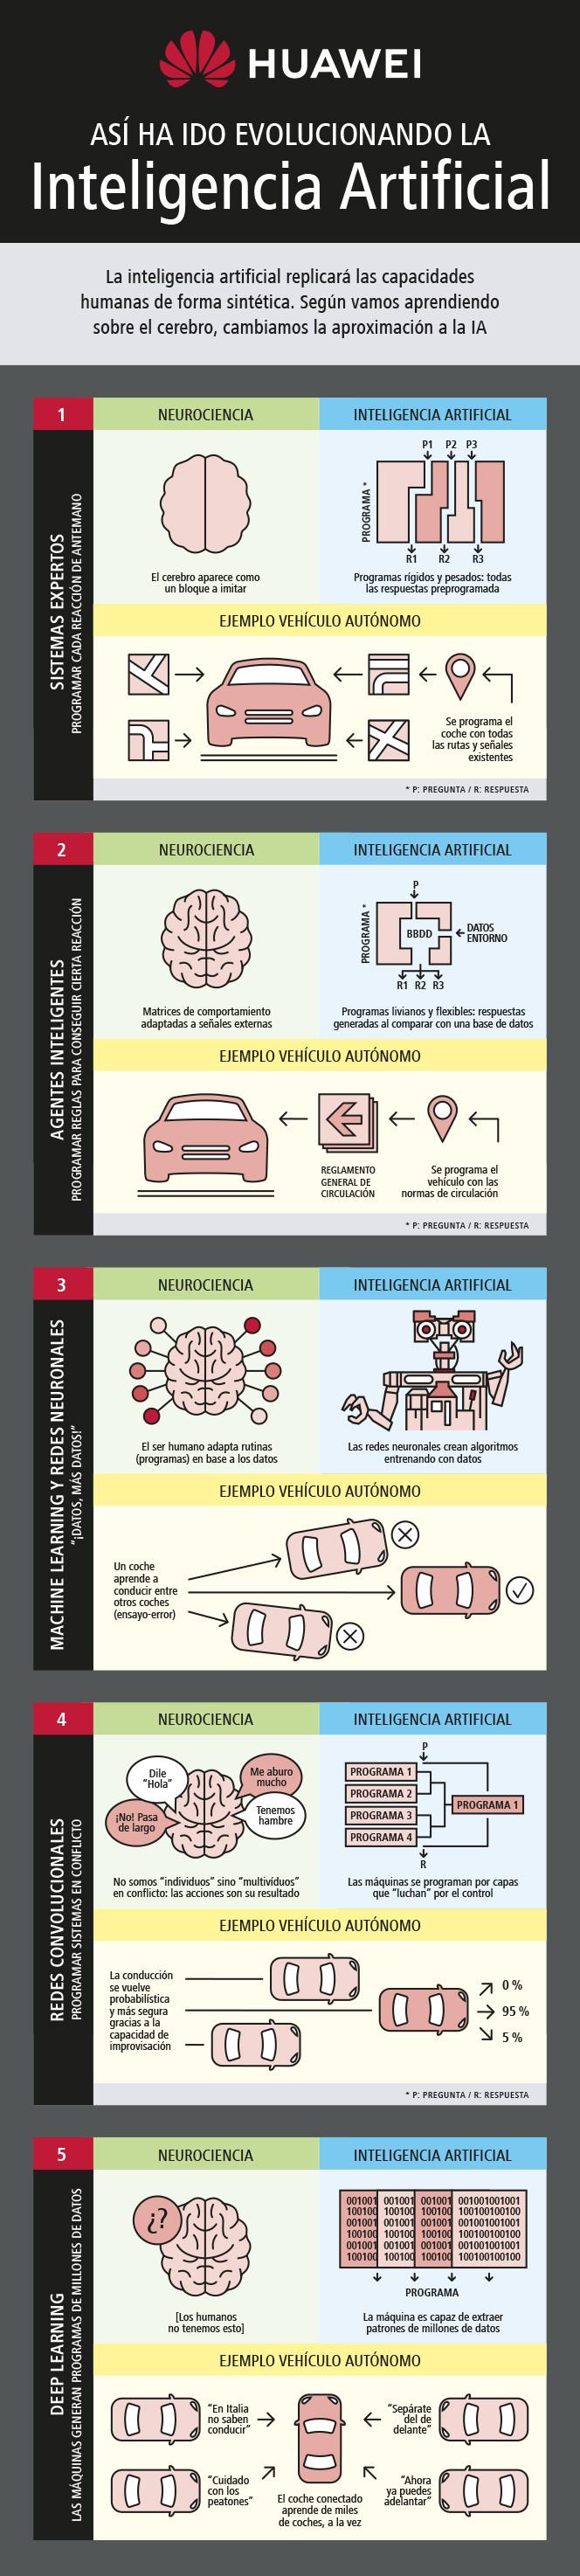 infografia-huawei-inteligencia-artificial-v2-1